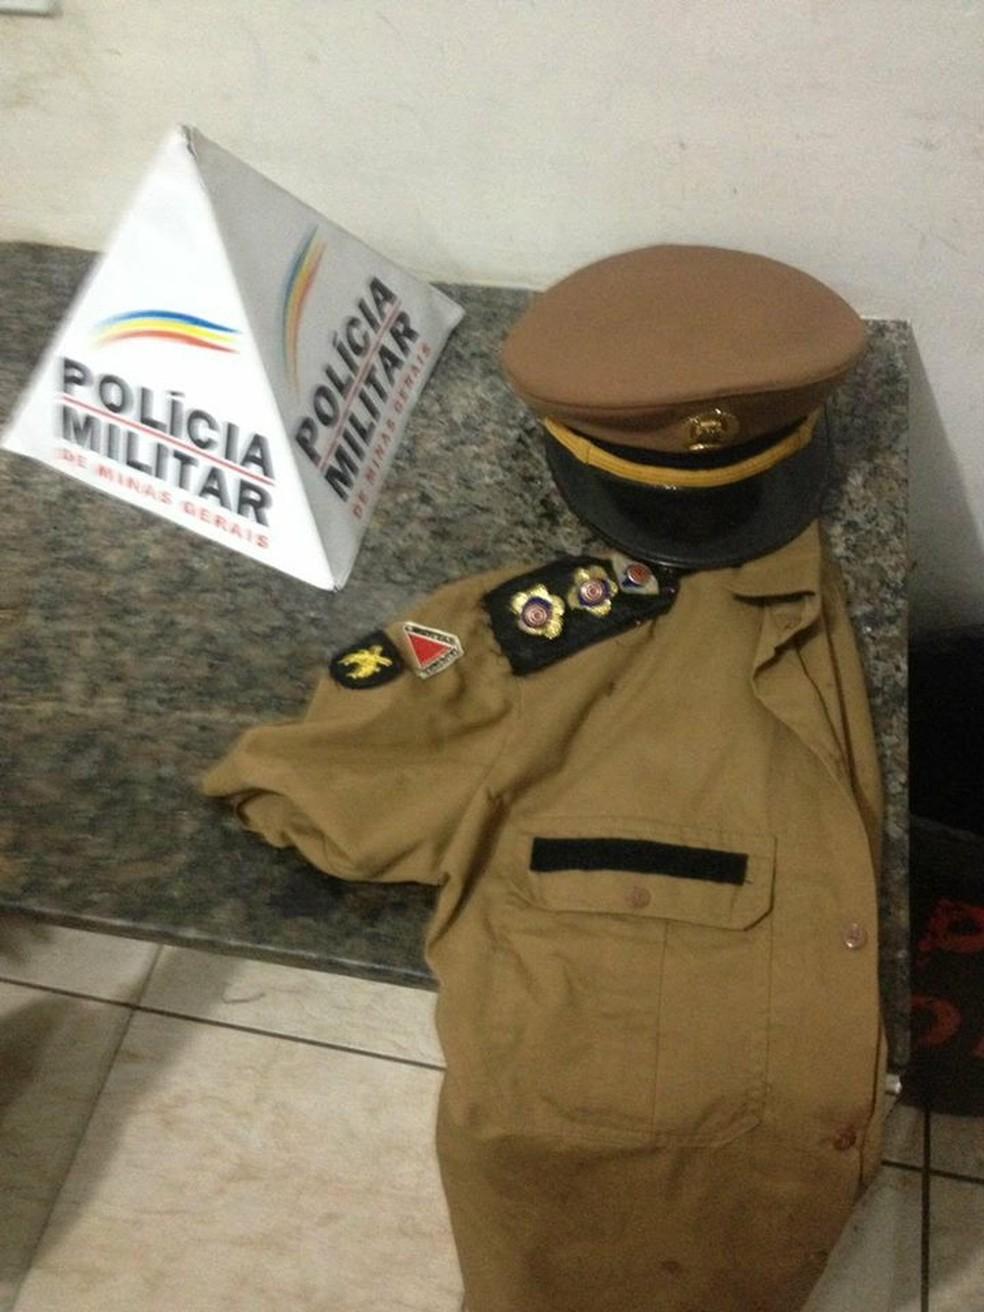 4a5d7578ed30d ... Farda da Polícia Militar era usada por foliã em Juiz de Fora — Foto   Polícia